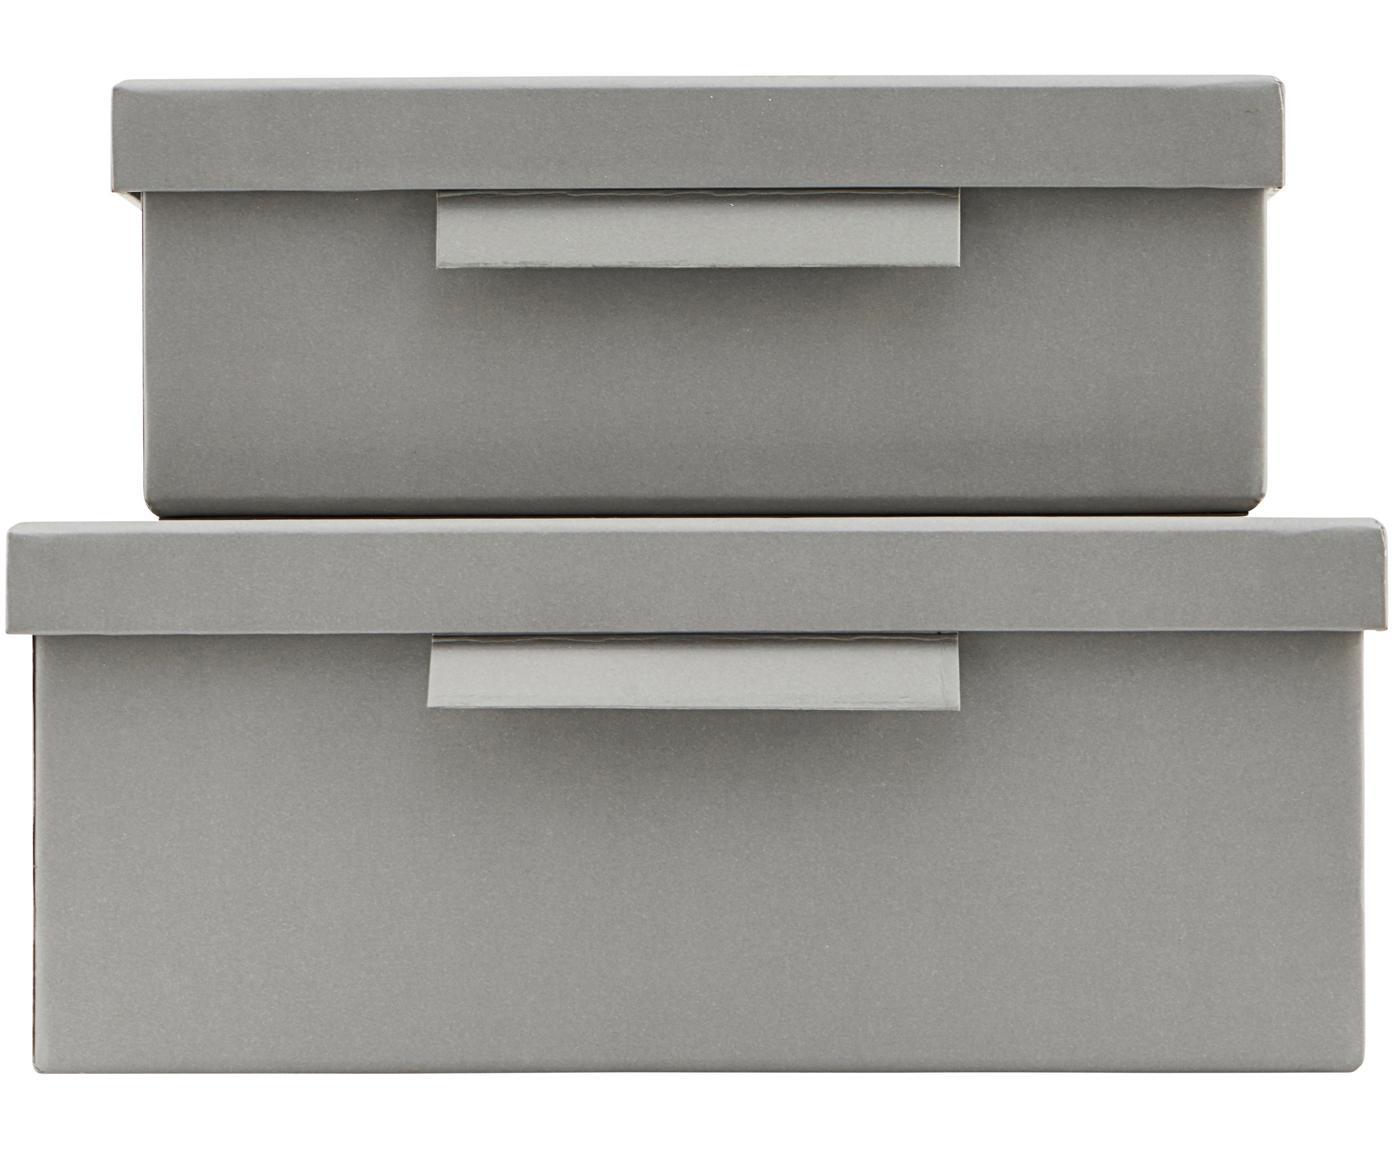 Set 2 scatole File, Carta, Grigio, Diverse dimensioni